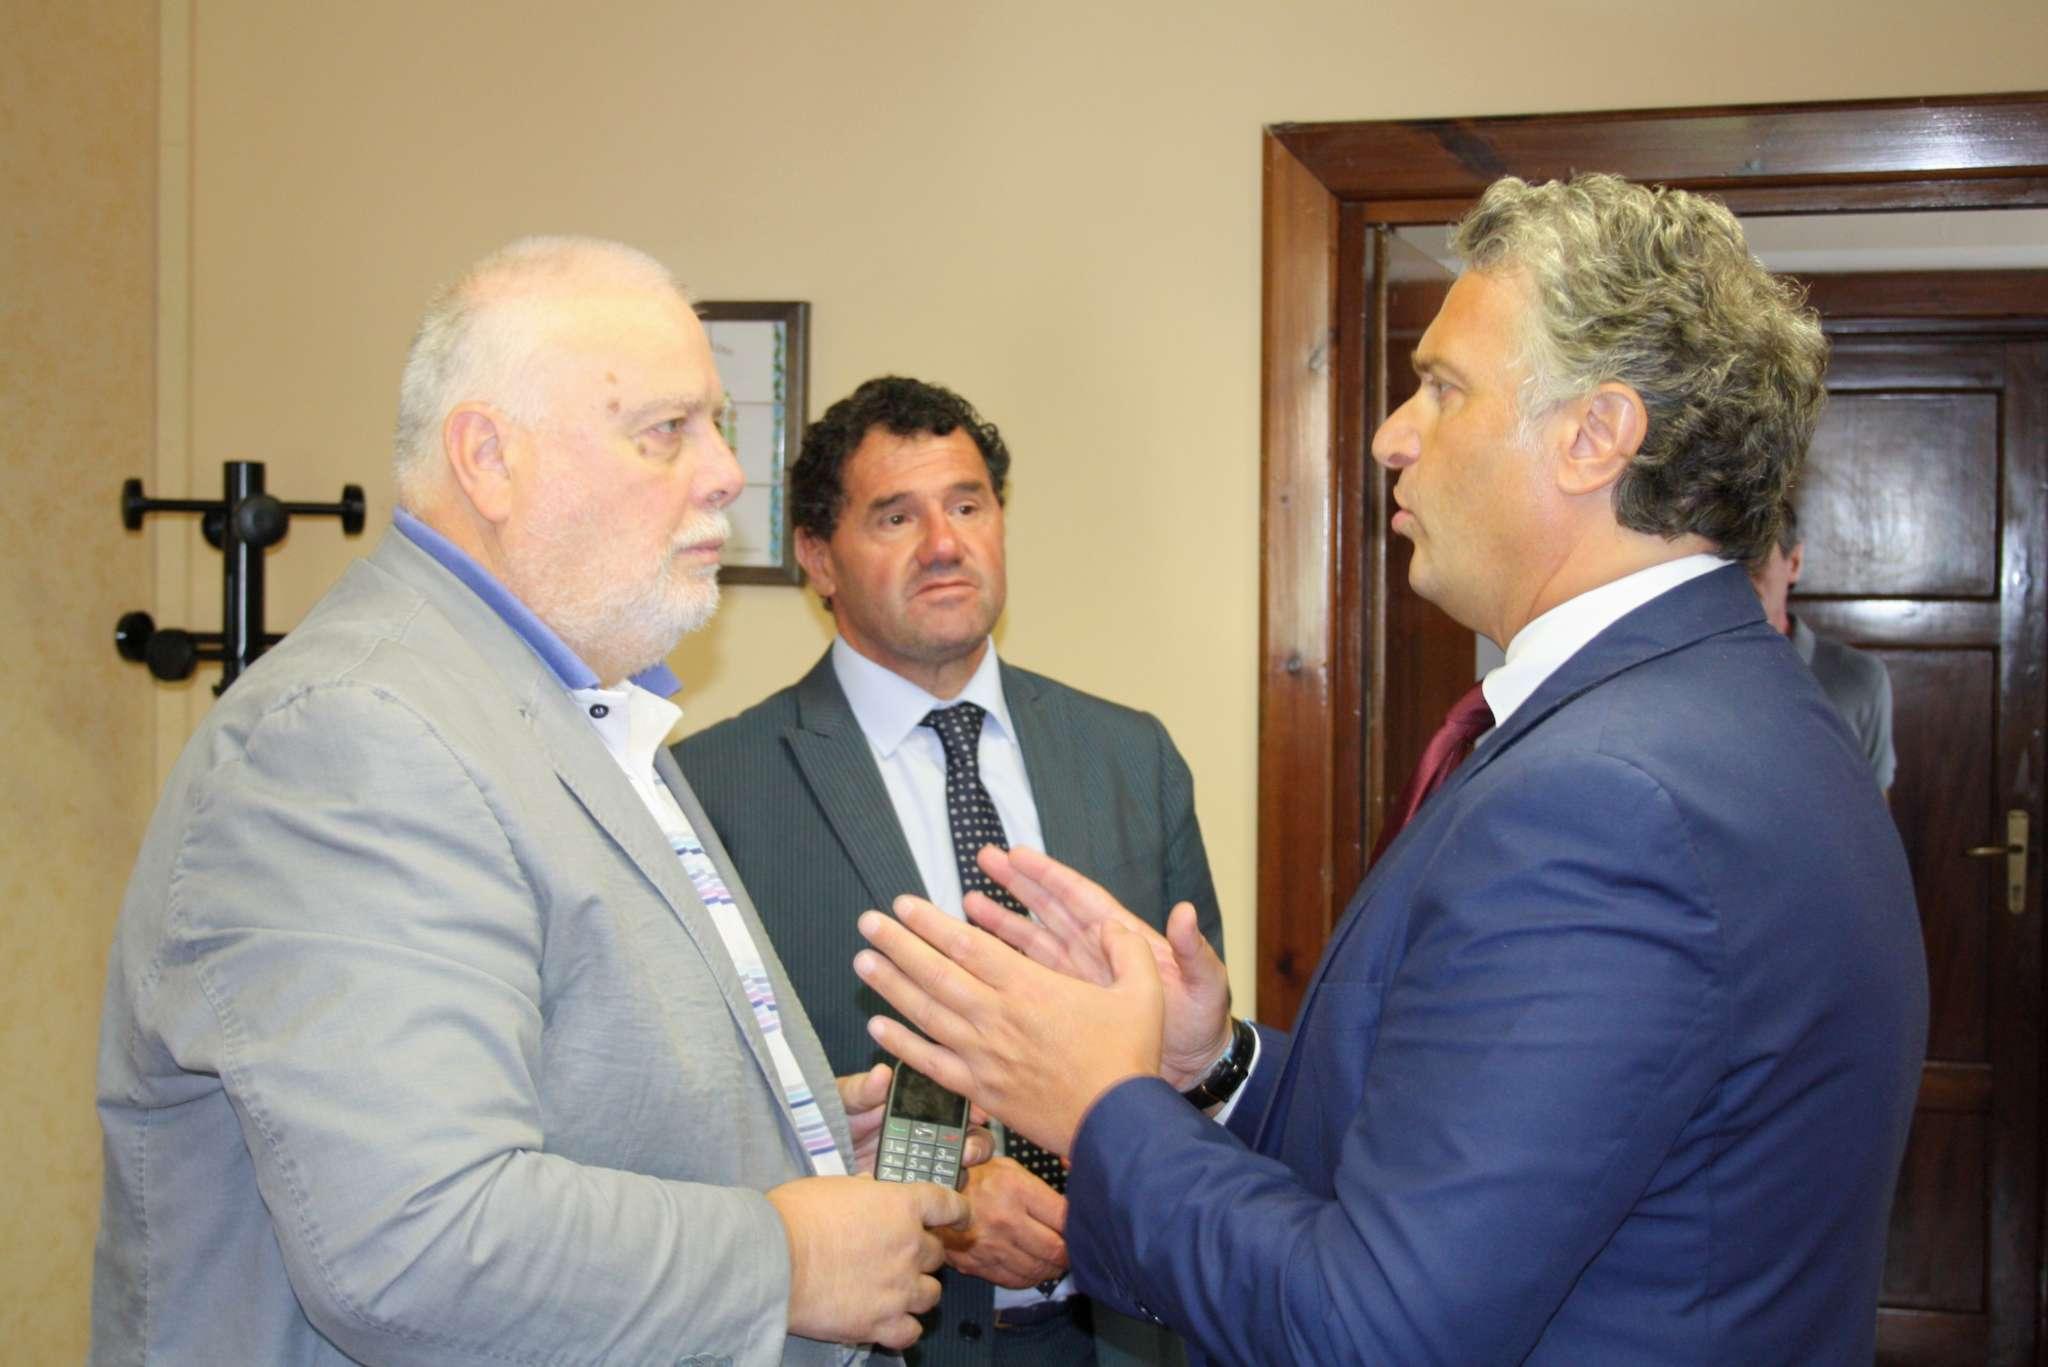 Ceppaloni, incontro tra Ricci e l'amministrazione sul tema viabilità